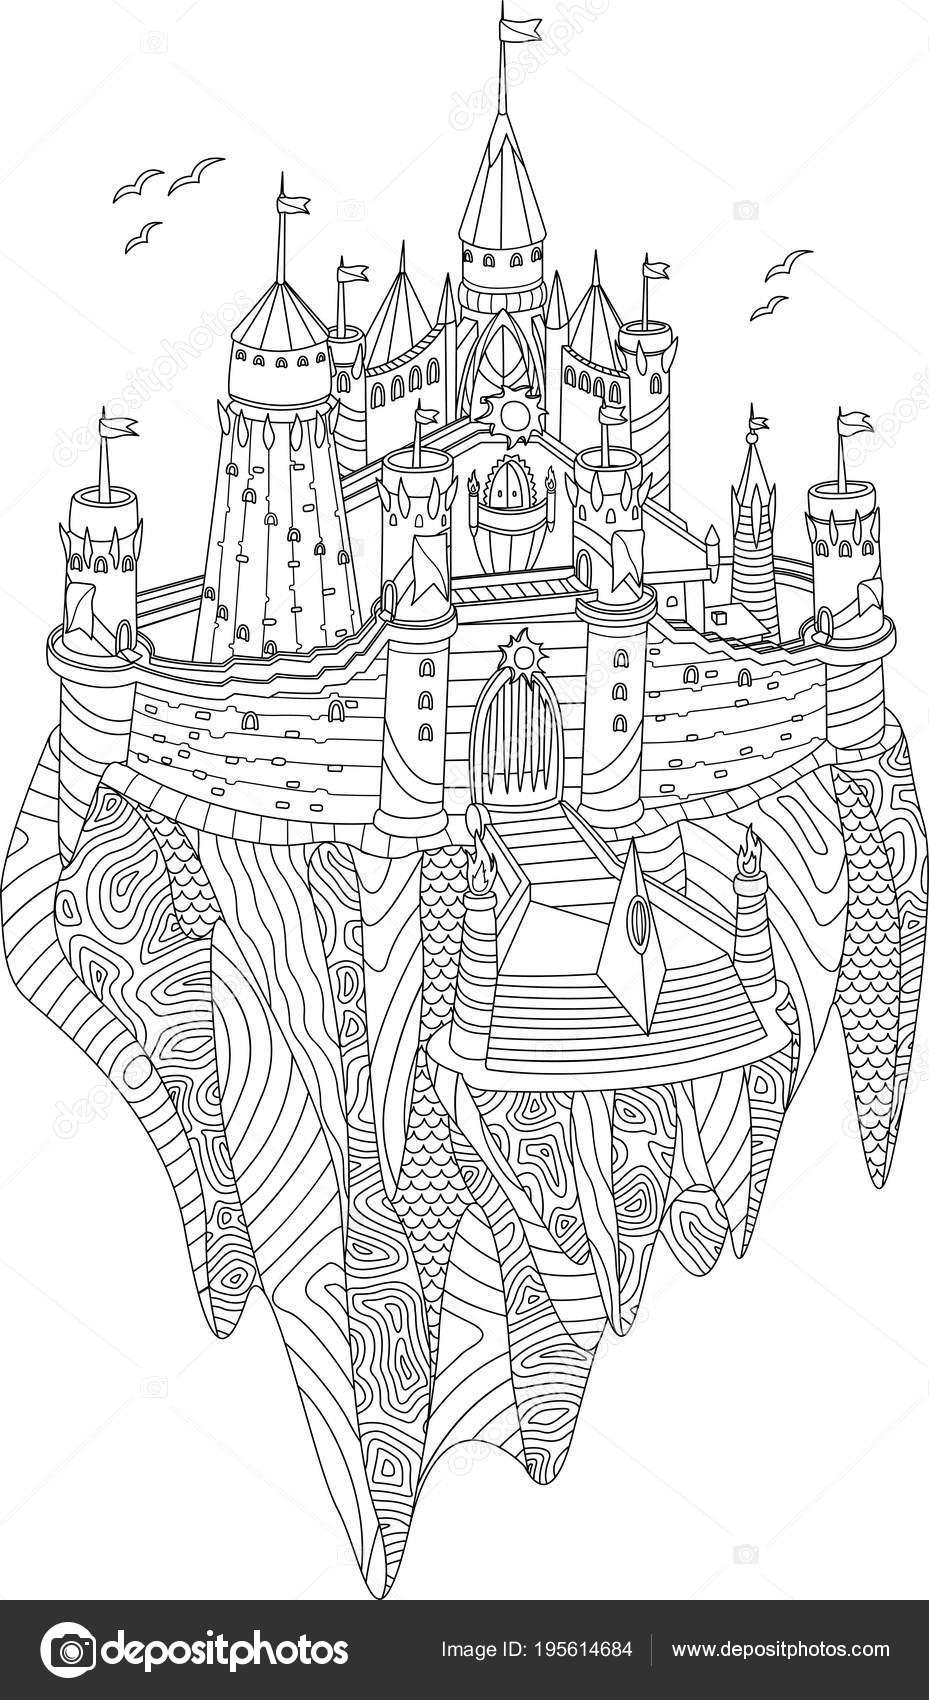 Livre Coloriage Adulte Avec Chateau Fantastique Sur Une Ile